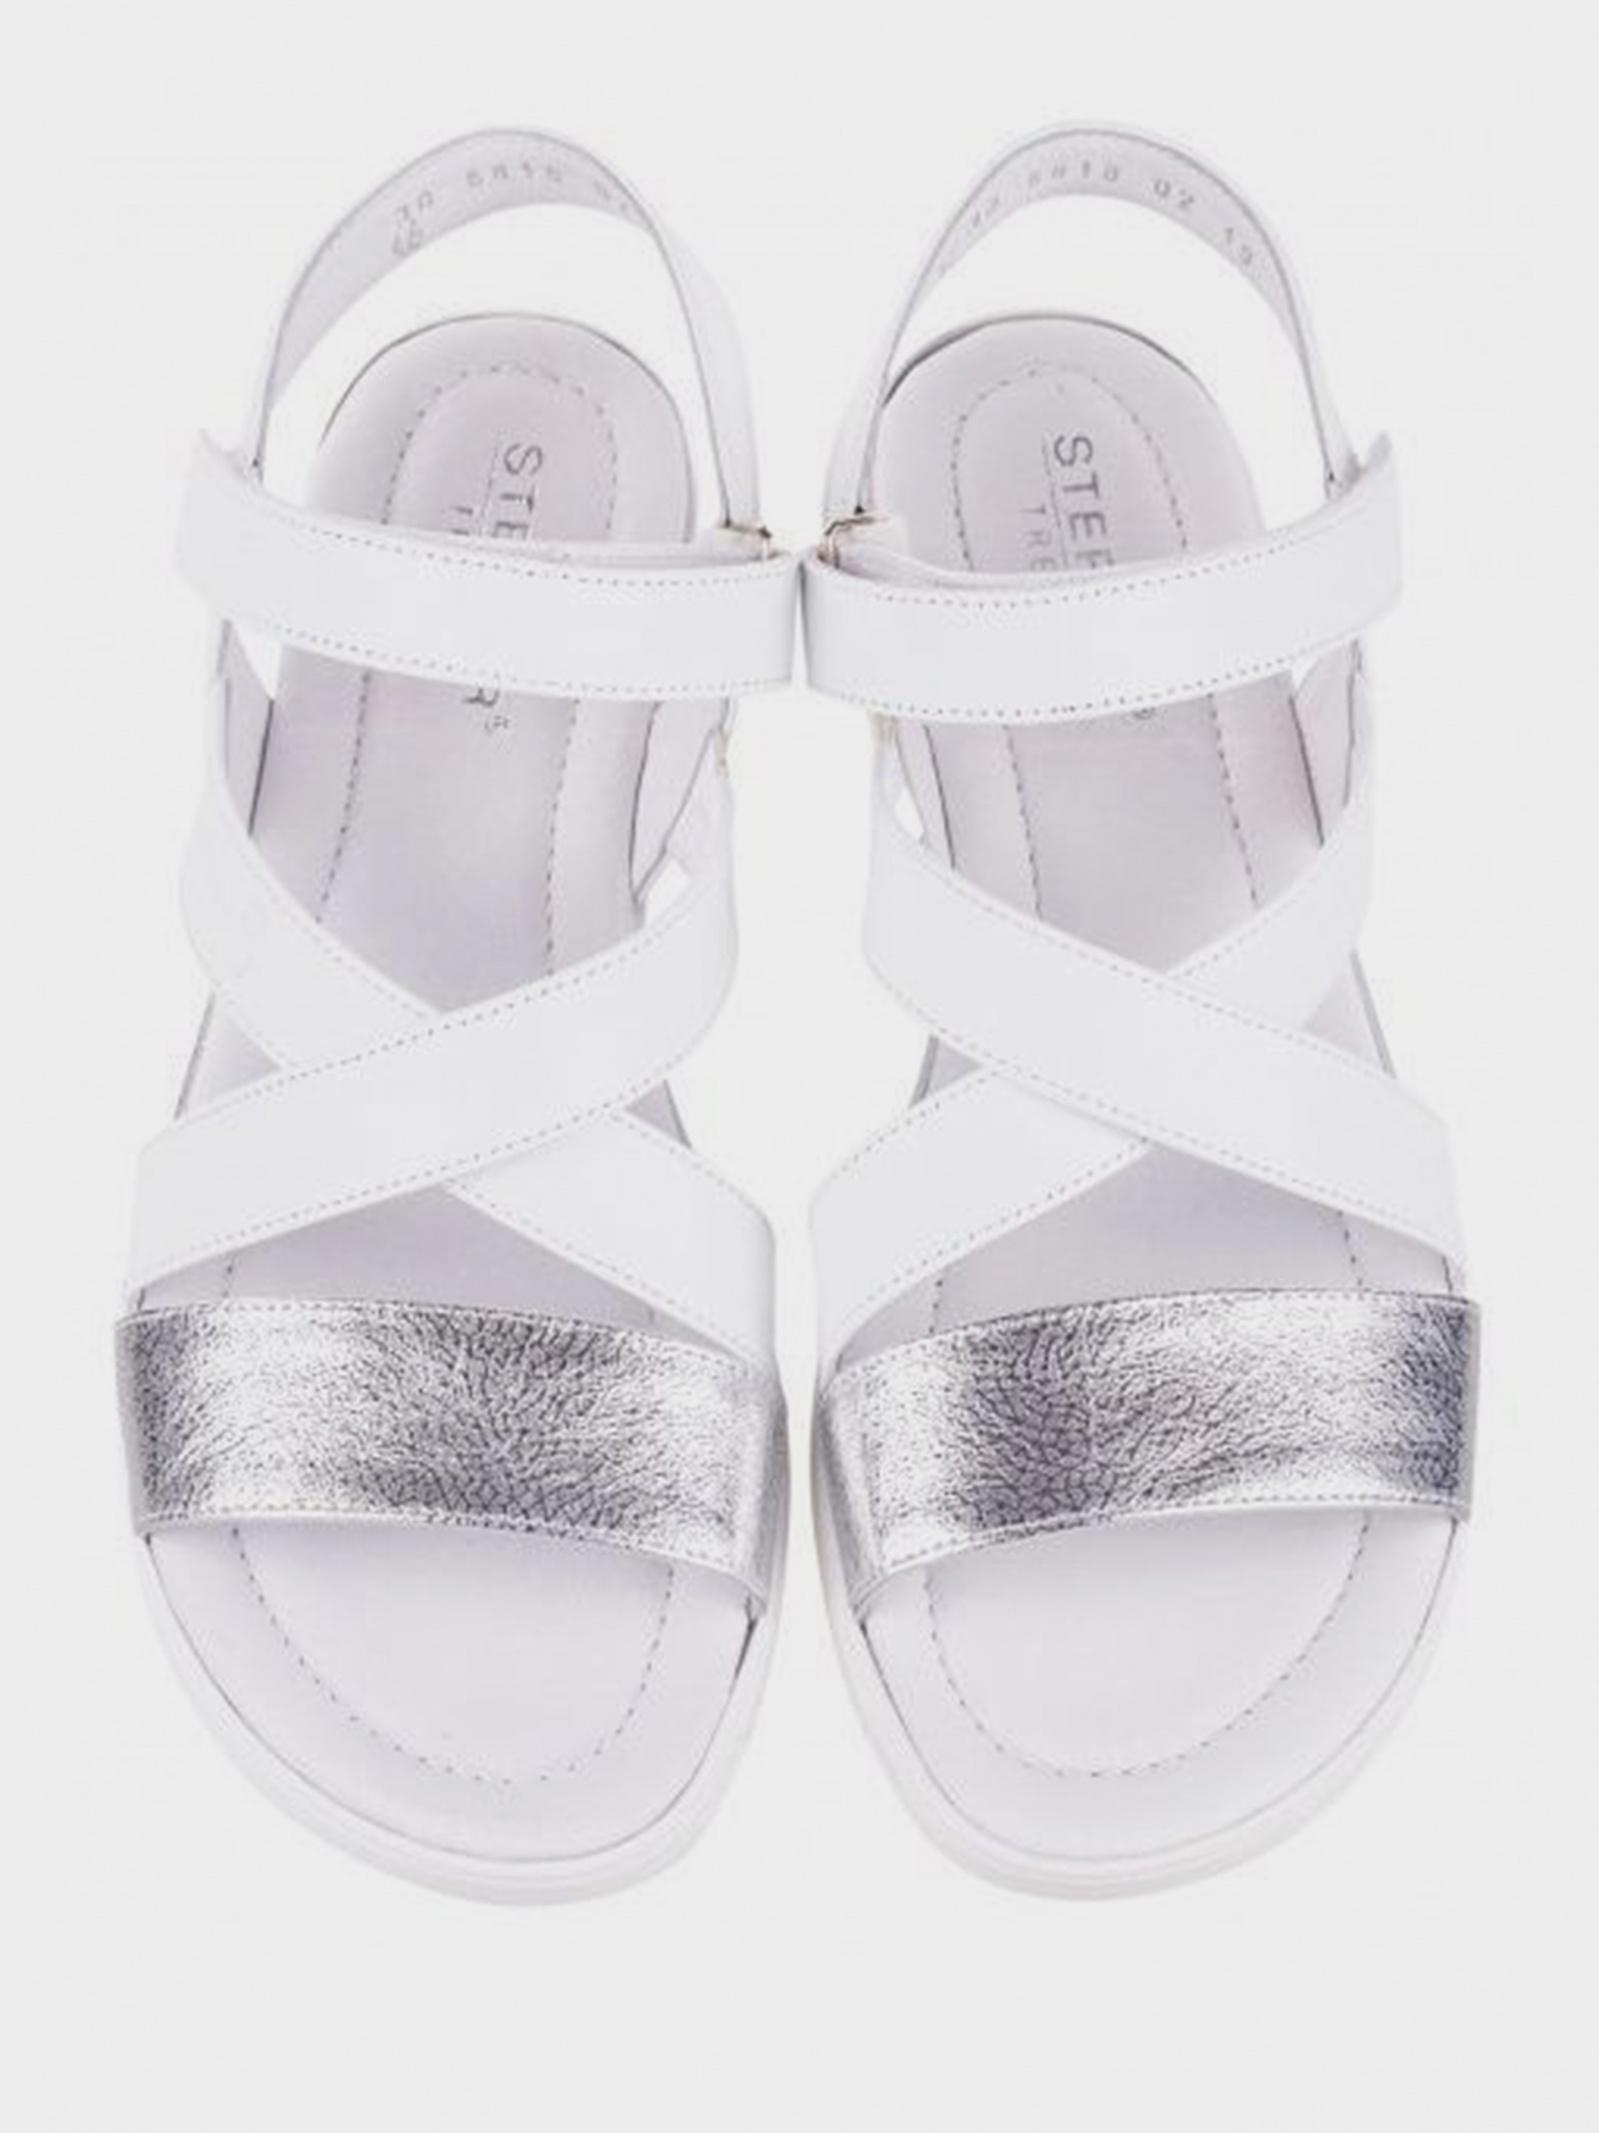 Сандалі  для жінок Стептер 6854-6818-2 брендове взуття, 2017